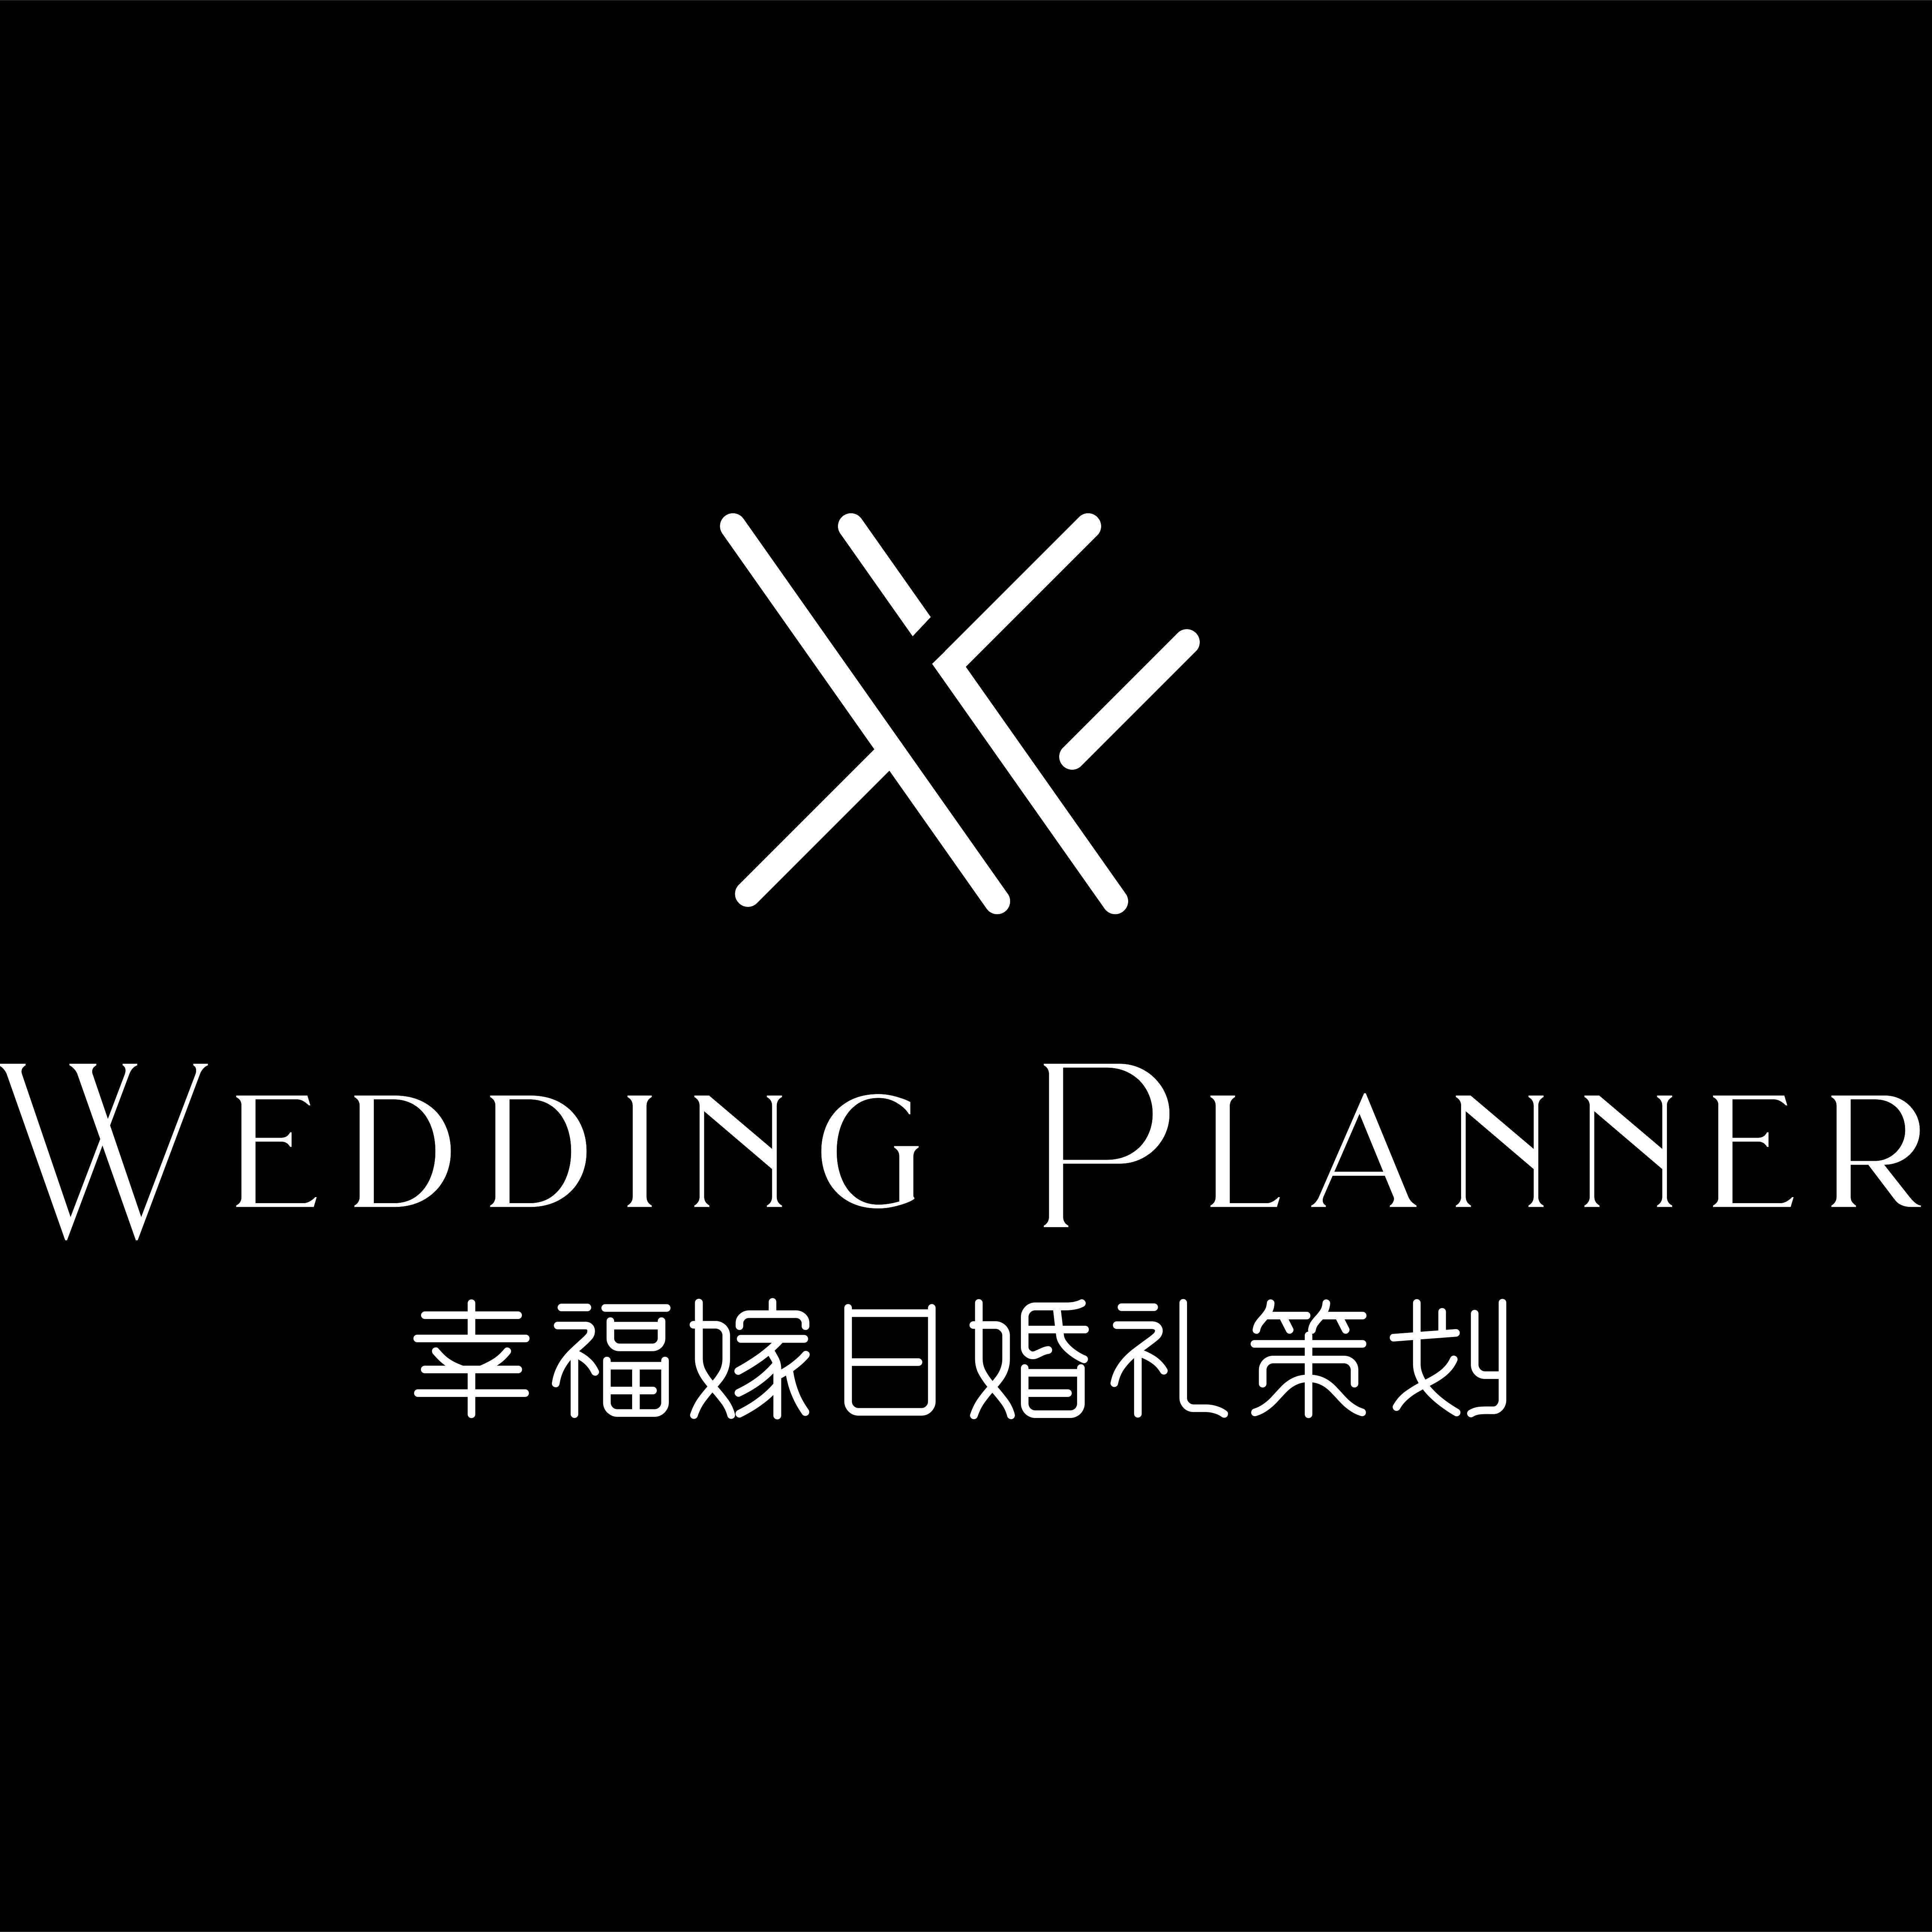 幸福嫁日高品质婚礼策划